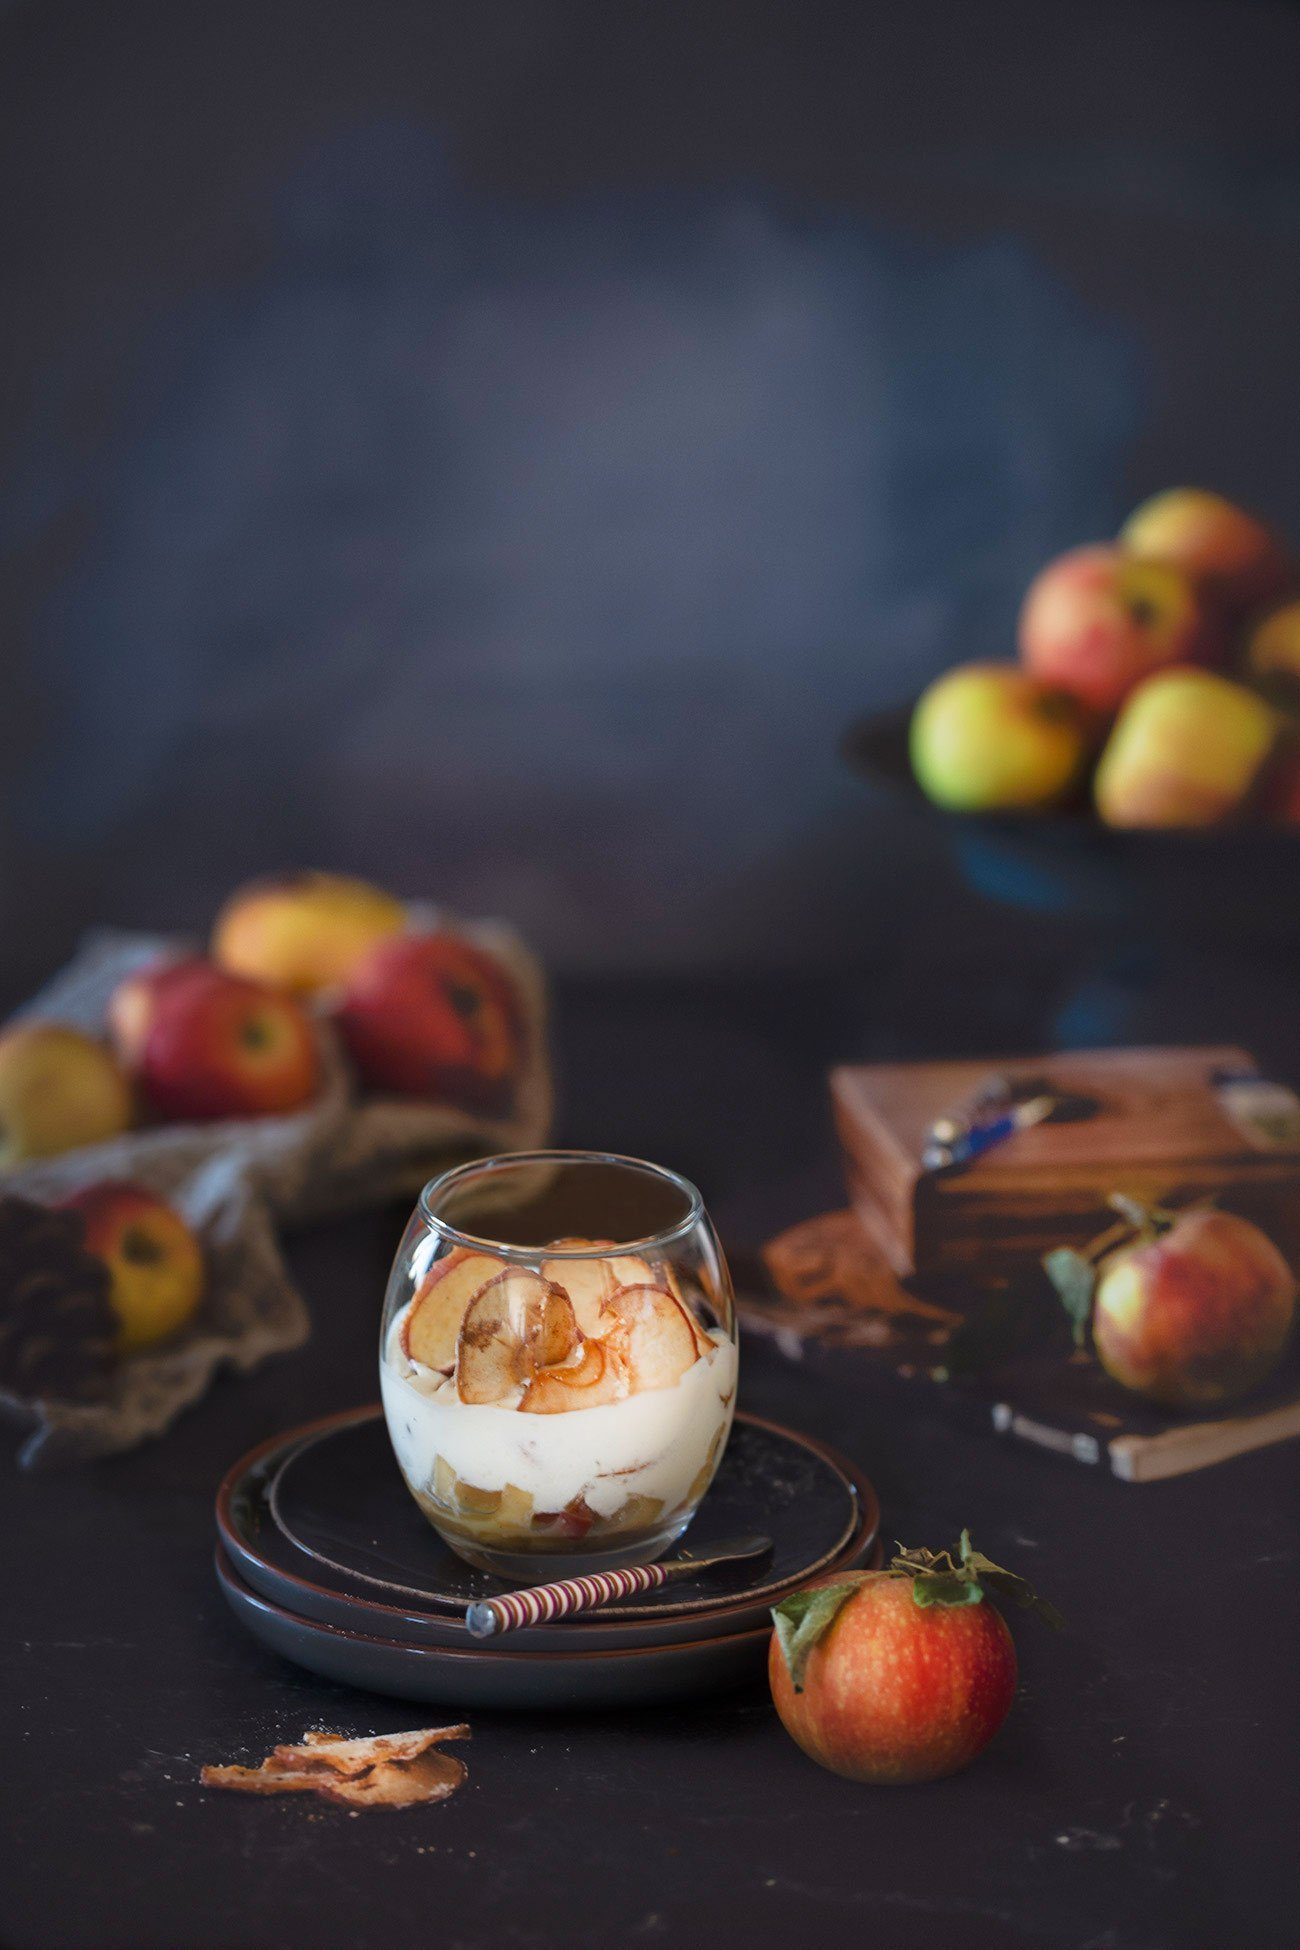 """Ich schaue aus meinen Küchenfenster und sehe: Äpfel! Schaue ich aus dem Schlafzimmerfenster, sehe ich: Äpfel! Nein, ich lebe nicht bei Schneewittchens böser Stiefmutter, sondern auf dem Land mit vielen prächtigen Apfelbäumen. Und da auch ich einem roten Apfel nicht widerstehen kann, gibt es ein Apfeldessert im Glas. Ich finde die Apfelzeit einfach grandios. Obwohl ich gar nicht so der """"ich beiß in den Apfel-Typ"""" bin, lasse ich mir gern die Äpfel von den Bäumen pflücken. (Ja, da gibt es Menschen denen das wirklich Spaß macht). Und so lagere ich gerade Körbe voller roter Äpfel, die nur darauf warten verarbeitet zu werden. Die Möglichkeiten sind einfach unbegrenzt. Und da ich gerade dabei bin, das Weihnachtsdessert zu testen (was natürlich nur ein Vorwand ist, fast täglich neue Desserts zu machen und zu essen) ist dieses Dessert gerade auf Platz 1 gerückt (aber ich teste natürlich weiter)."""